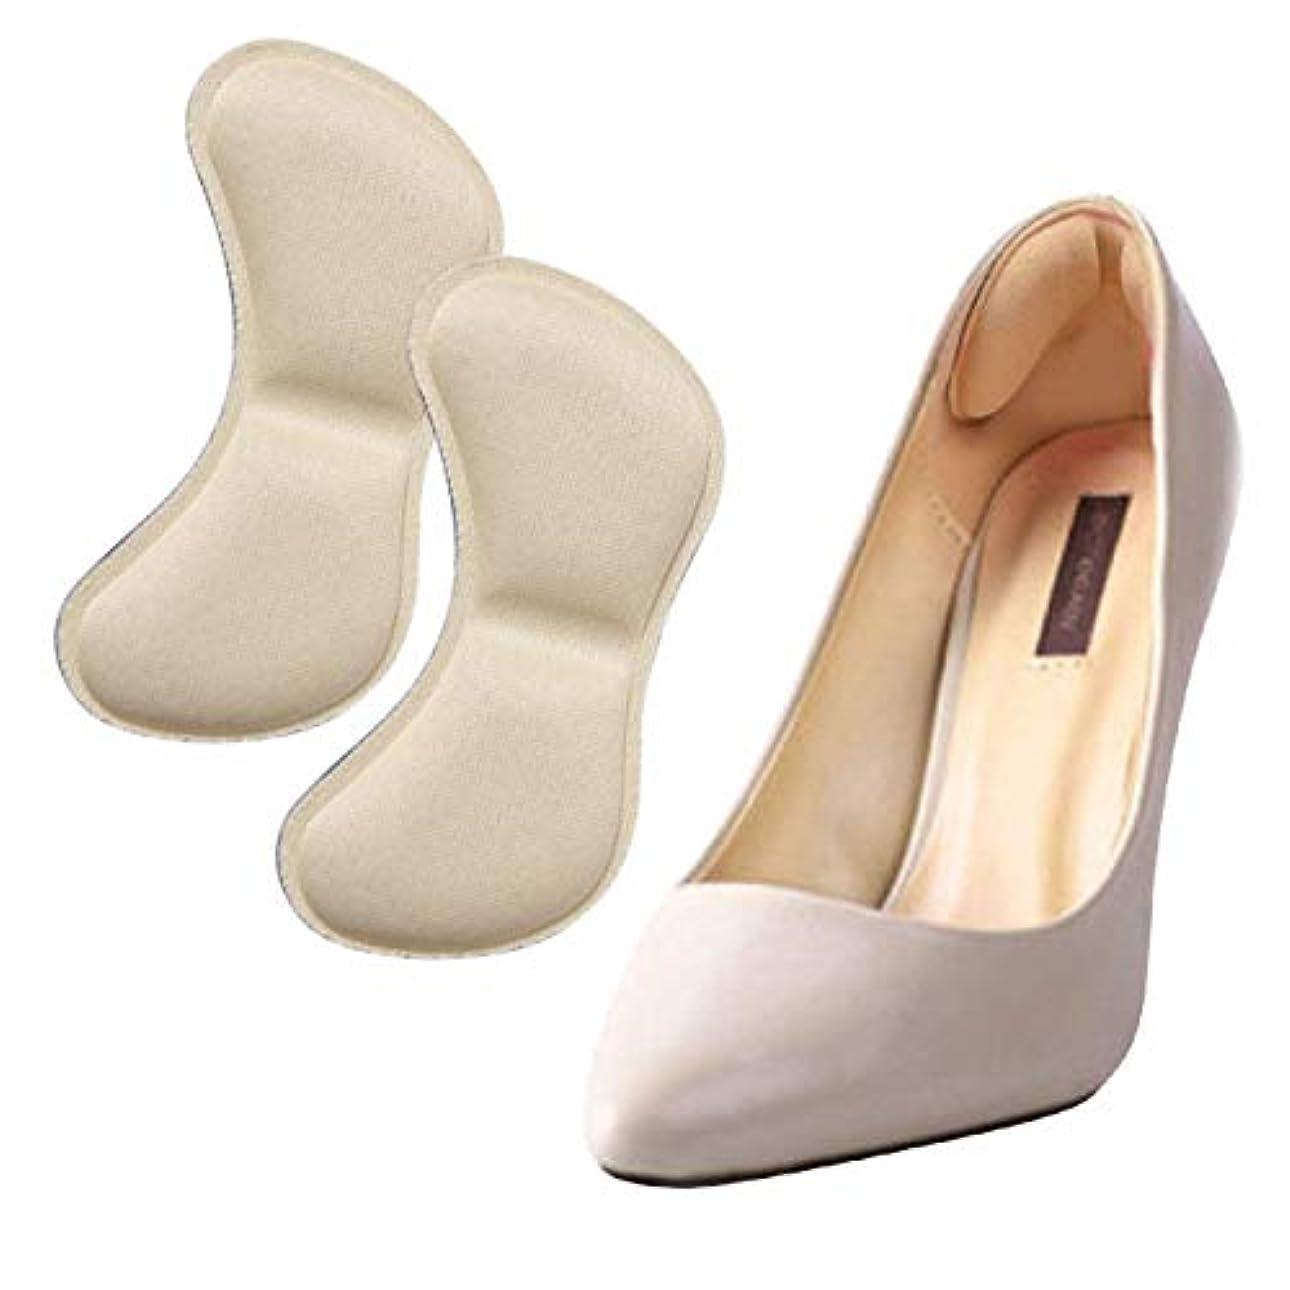 リス五ベッドを作るsac taske かかとパッド レディース 靴ずれ 防止 パッド かかと 足用 ヒール 保護 10足 (ベージュ 10足セット)